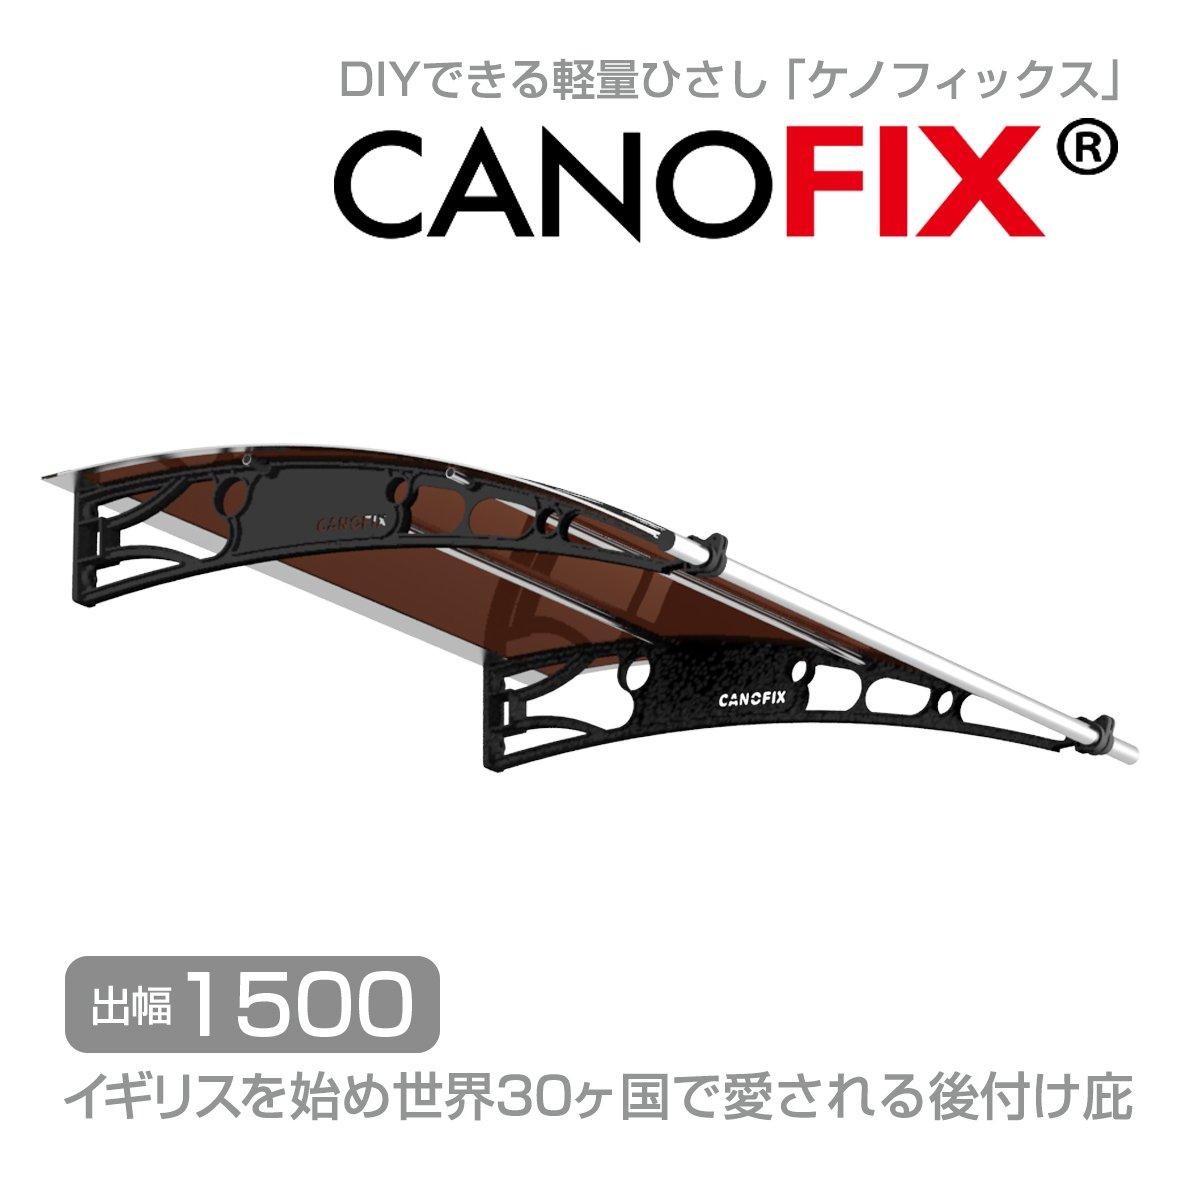 【日本総輸入元】DIY可能な後付けひさし ケノフィックス(CANOFIX) D1500 W15000/シート: クリア/ブラケット:ブラック B079HKS8ZC 3500mm|ブラケット:ブラックシート:クリア ブラケット:ブラックシート:クリア 3500mm